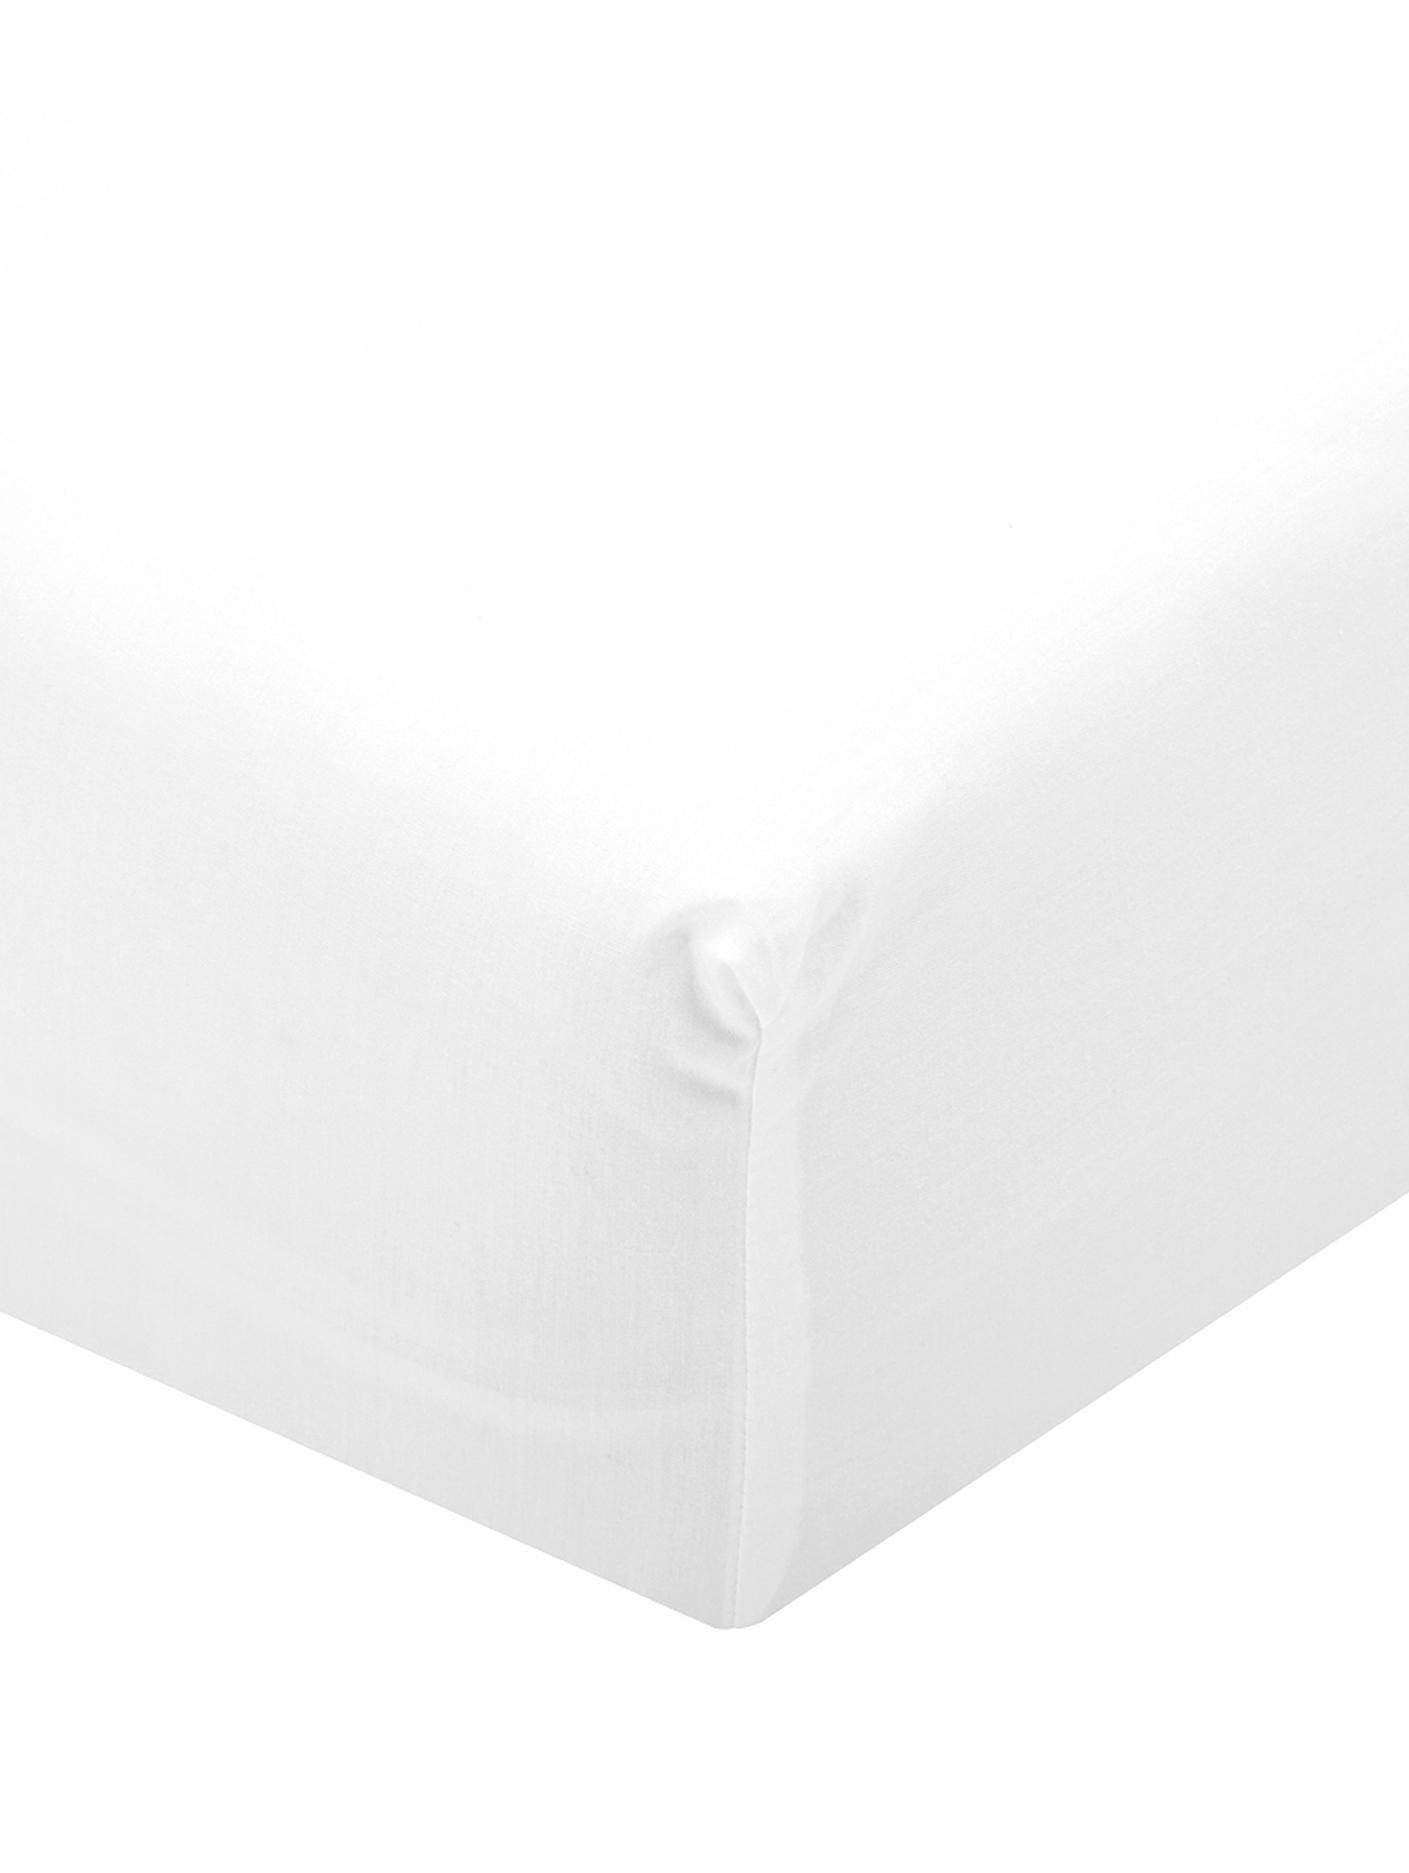 Spannbettlaken Elsie in Weiß, Perkal, Webart: Perkal, Weiß, 90 x 200 cm